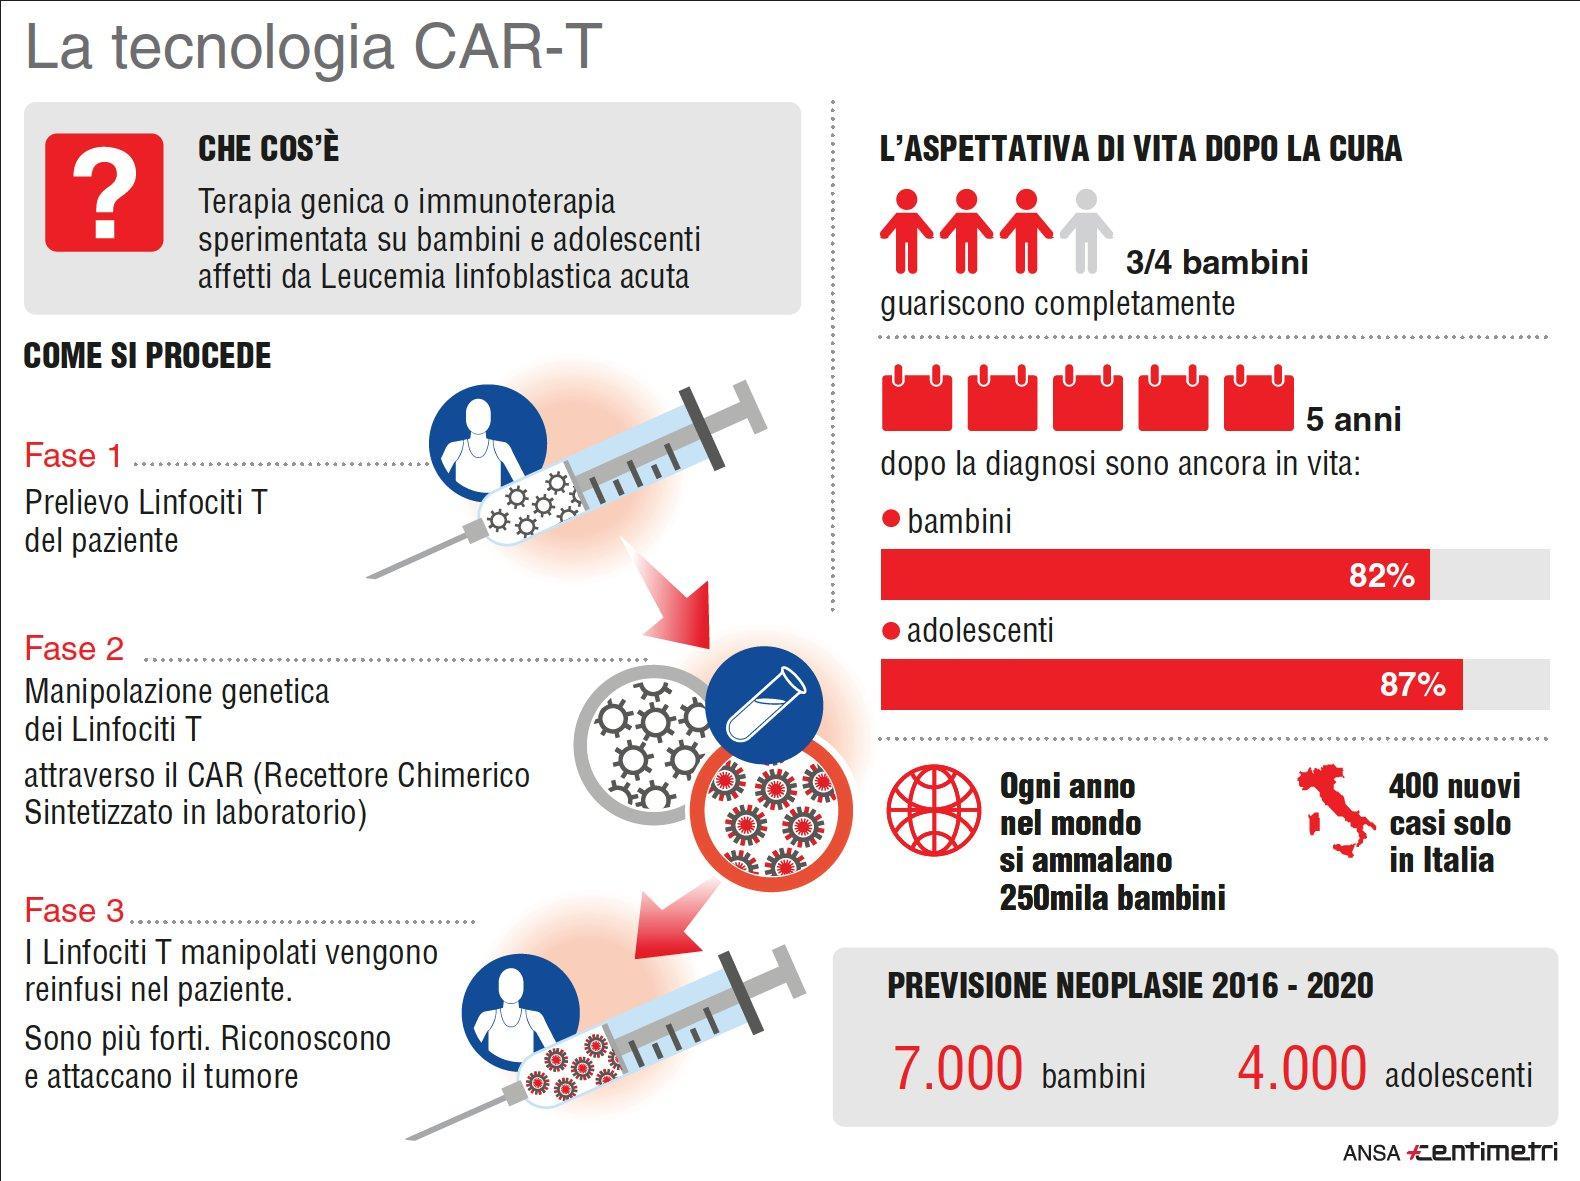 Cellule riprogrammate contro tumore, ecco cos è la Tecnologia CAR-T